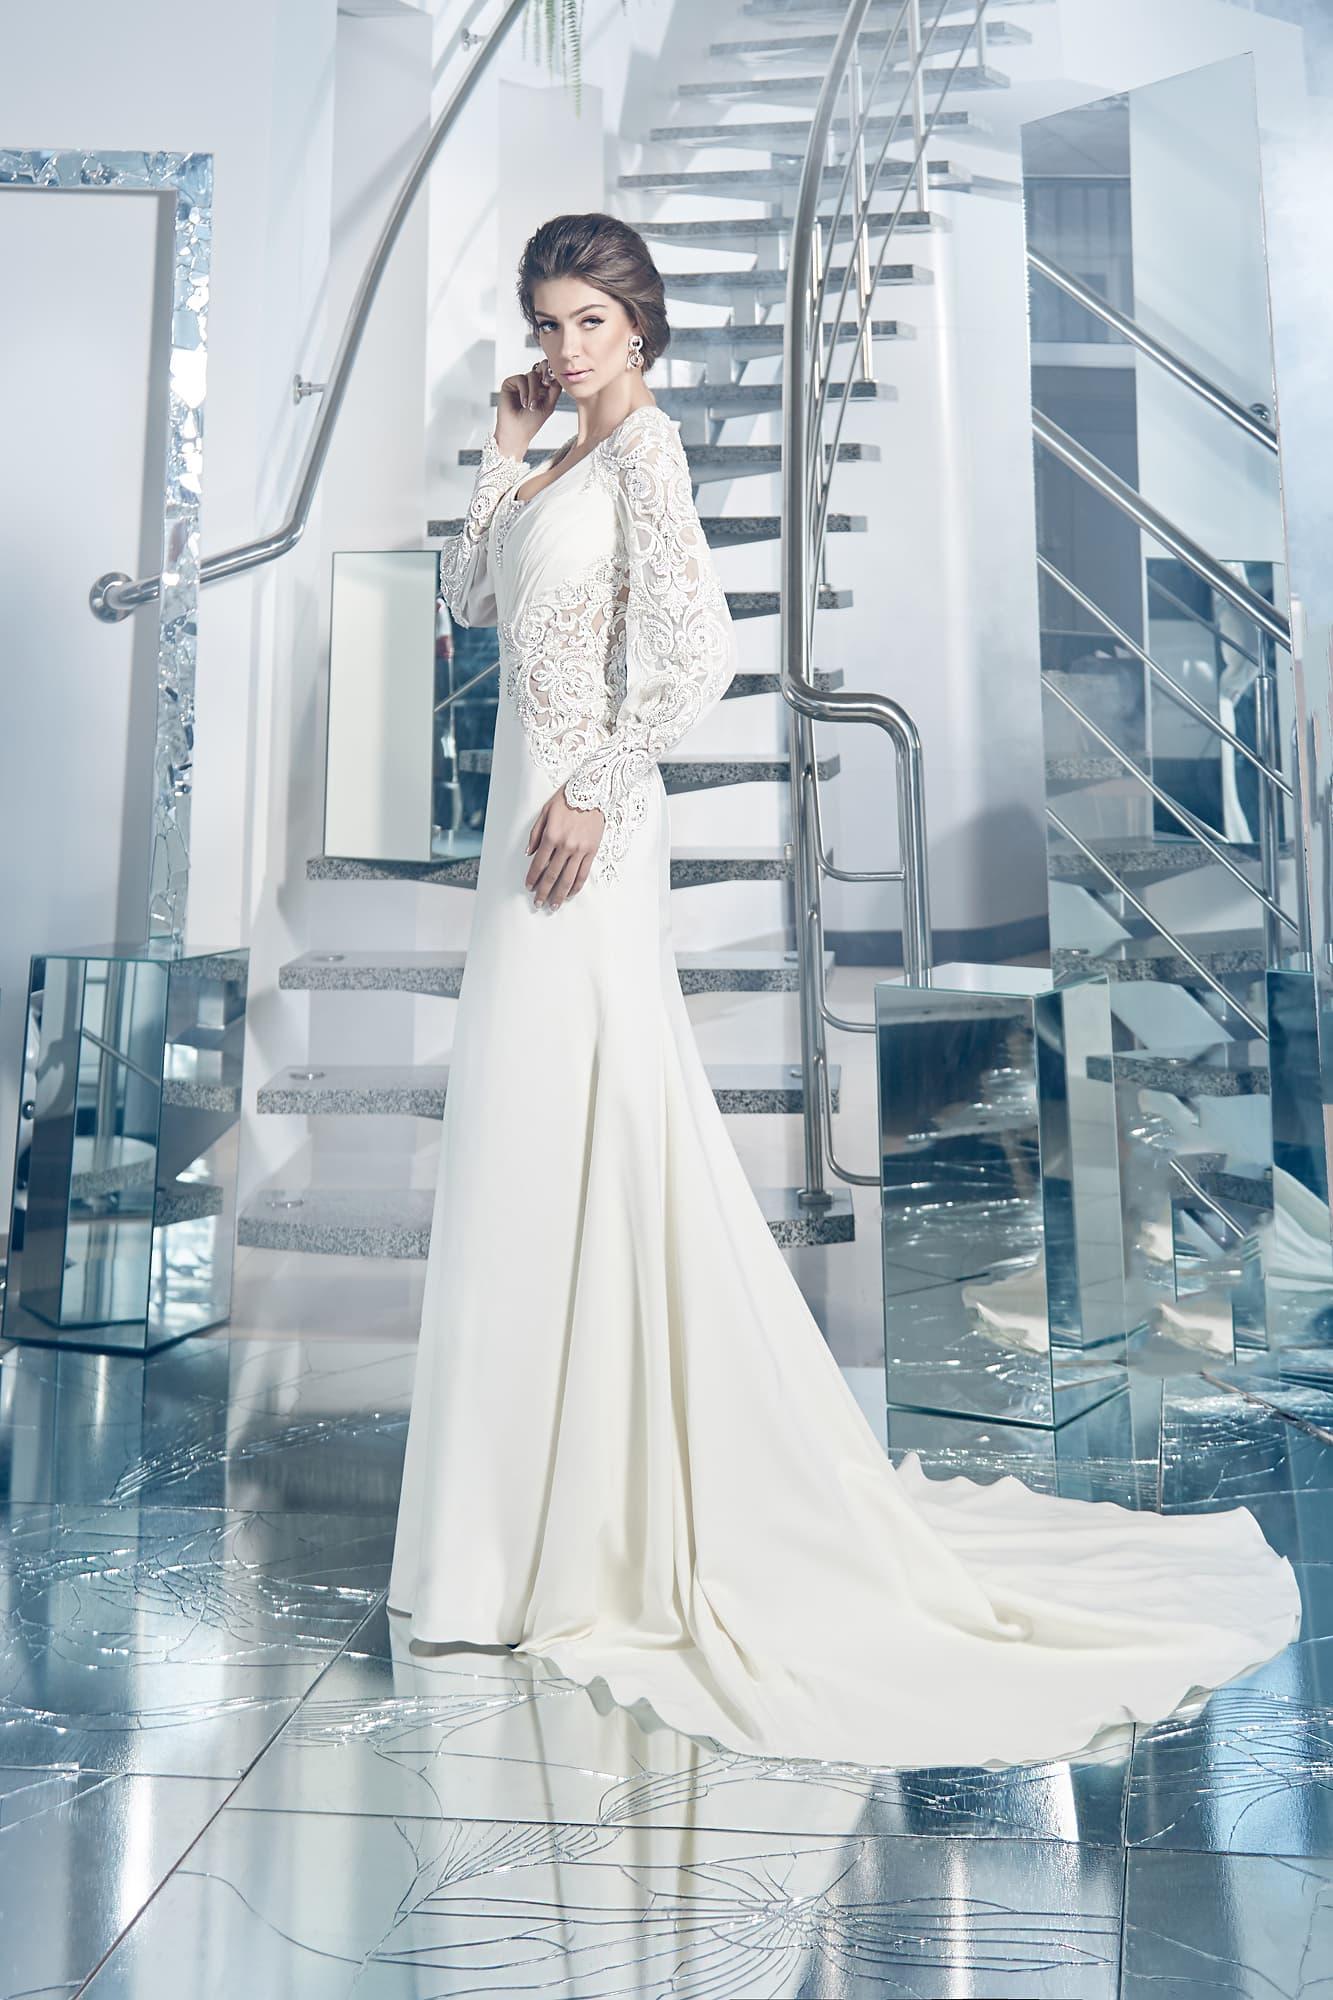 2b1e8e1f32a Прямое свадебное платье с длинным шлейфом и широкими кружевными рукавами.